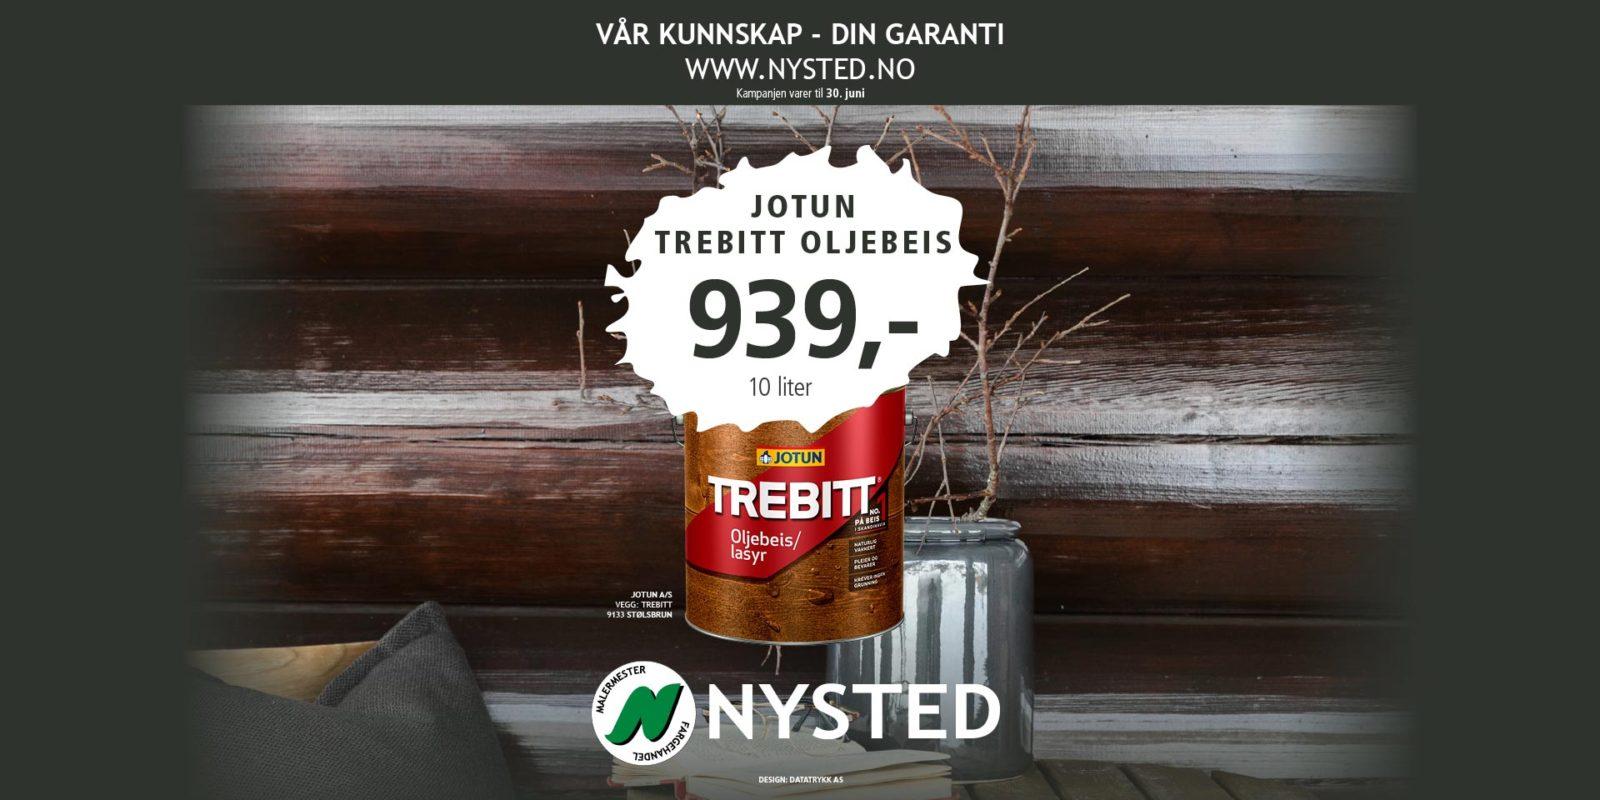 Nysted-kampanje12-1920x1080px-mobil4